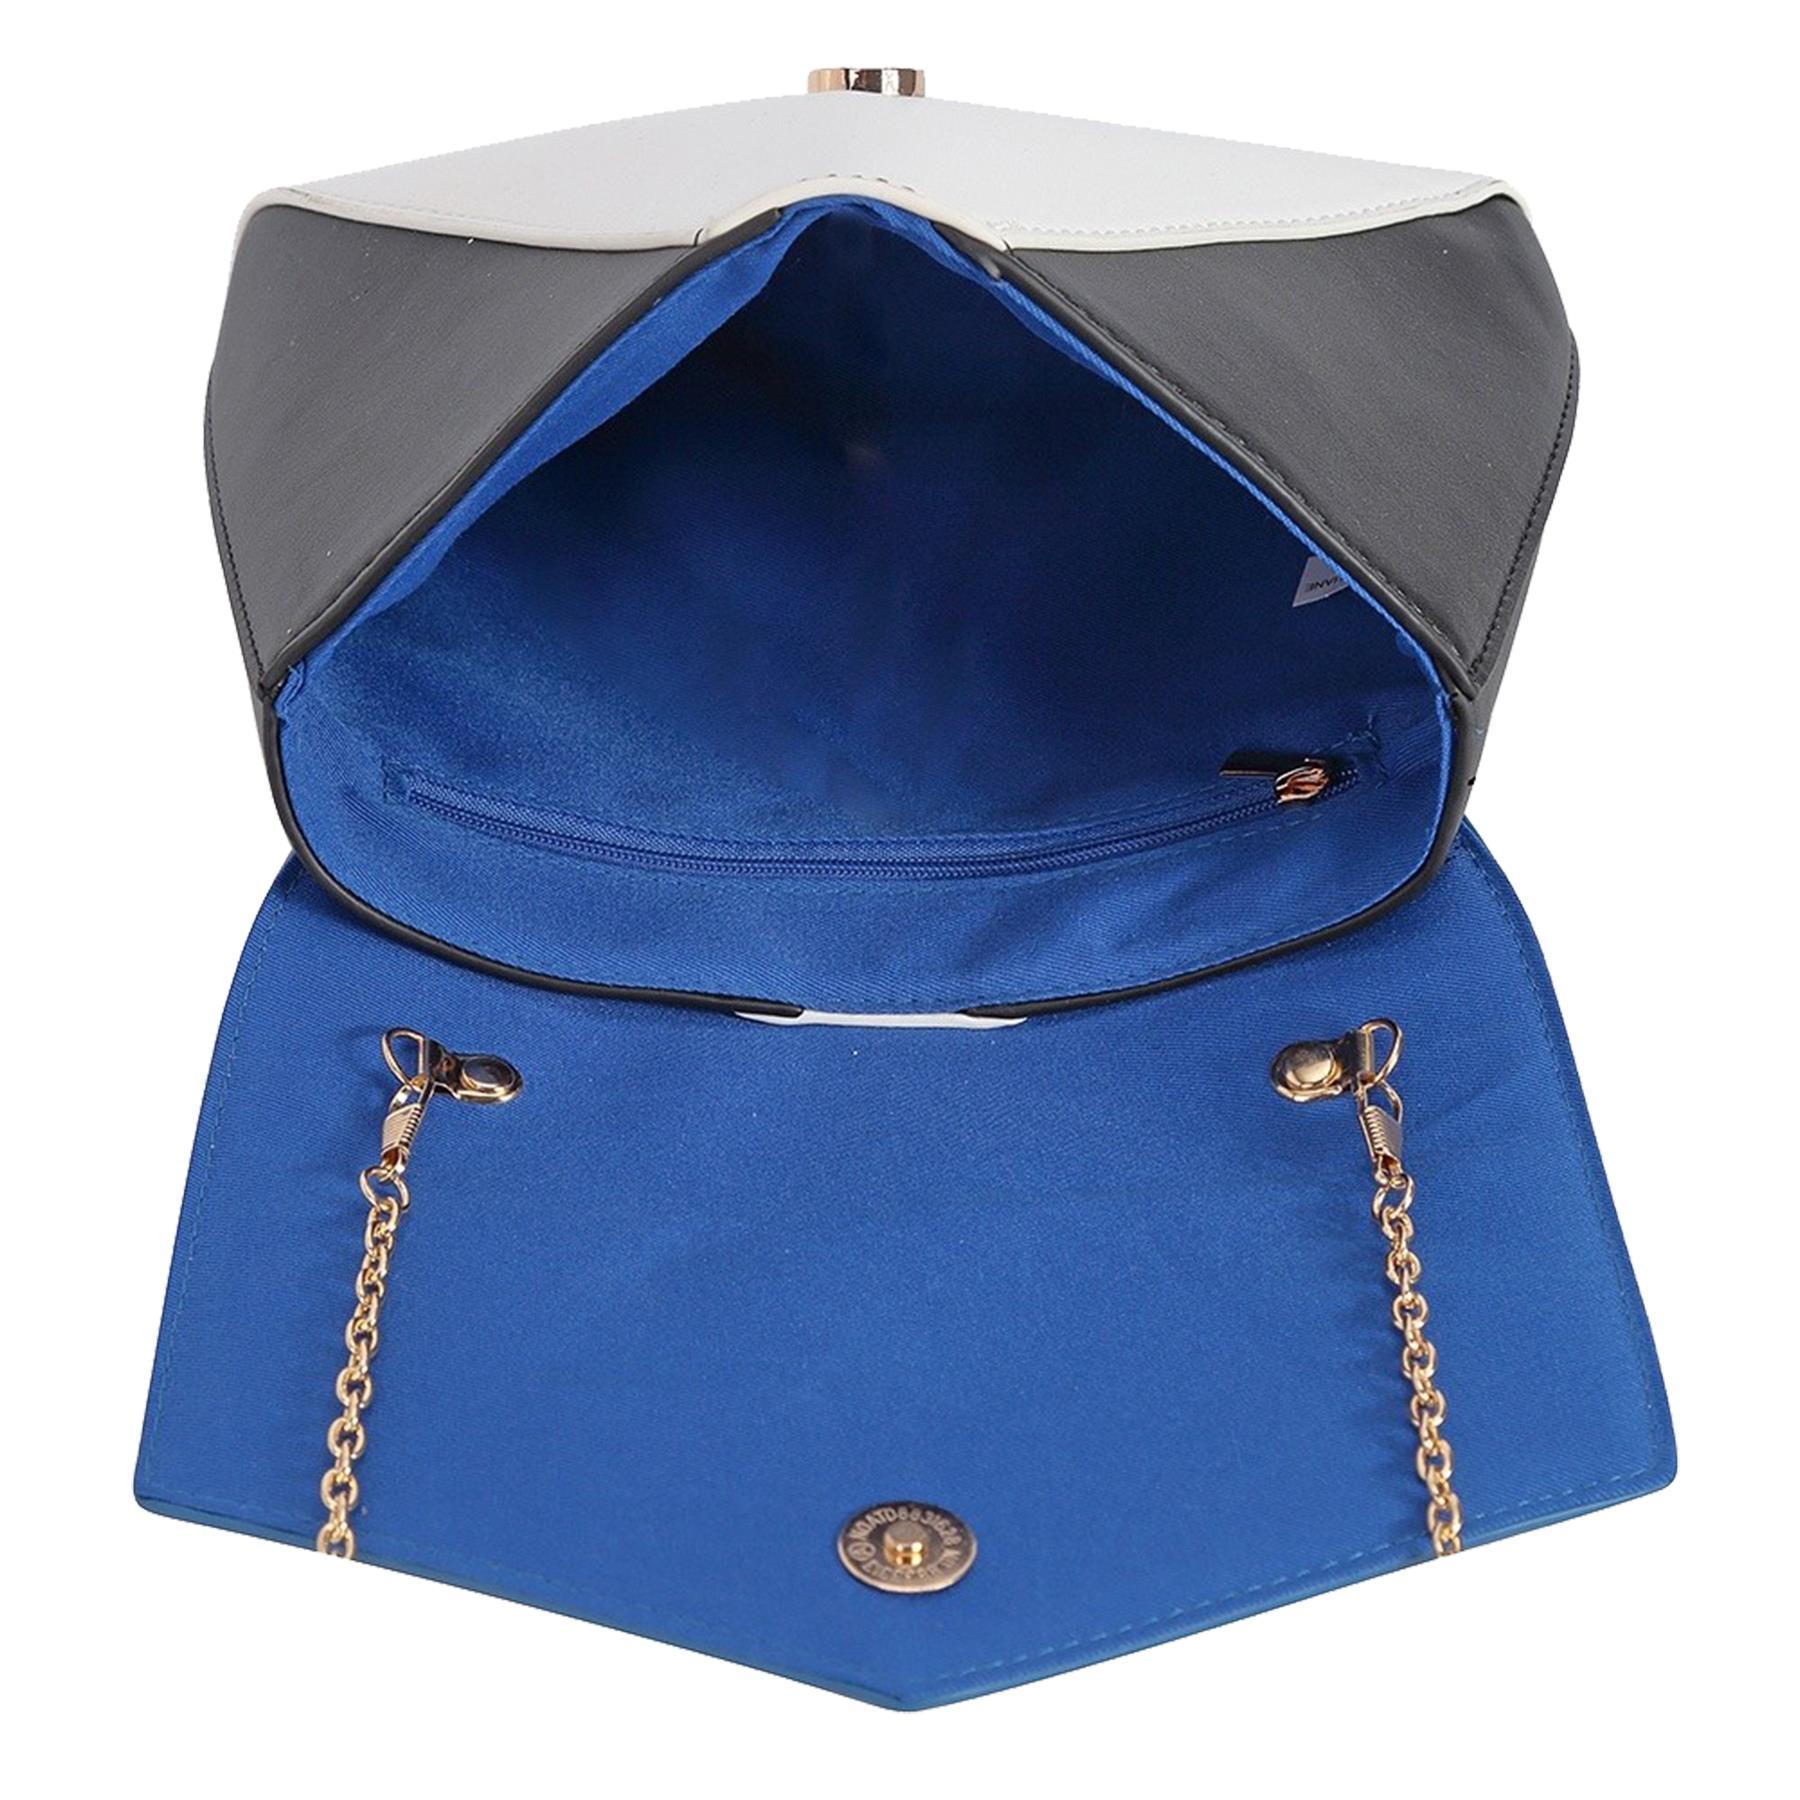 New-Women-s-Faux-Leather-Patent-Multicolour-Envelope-Clutch-Bag-Purse thumbnail 4